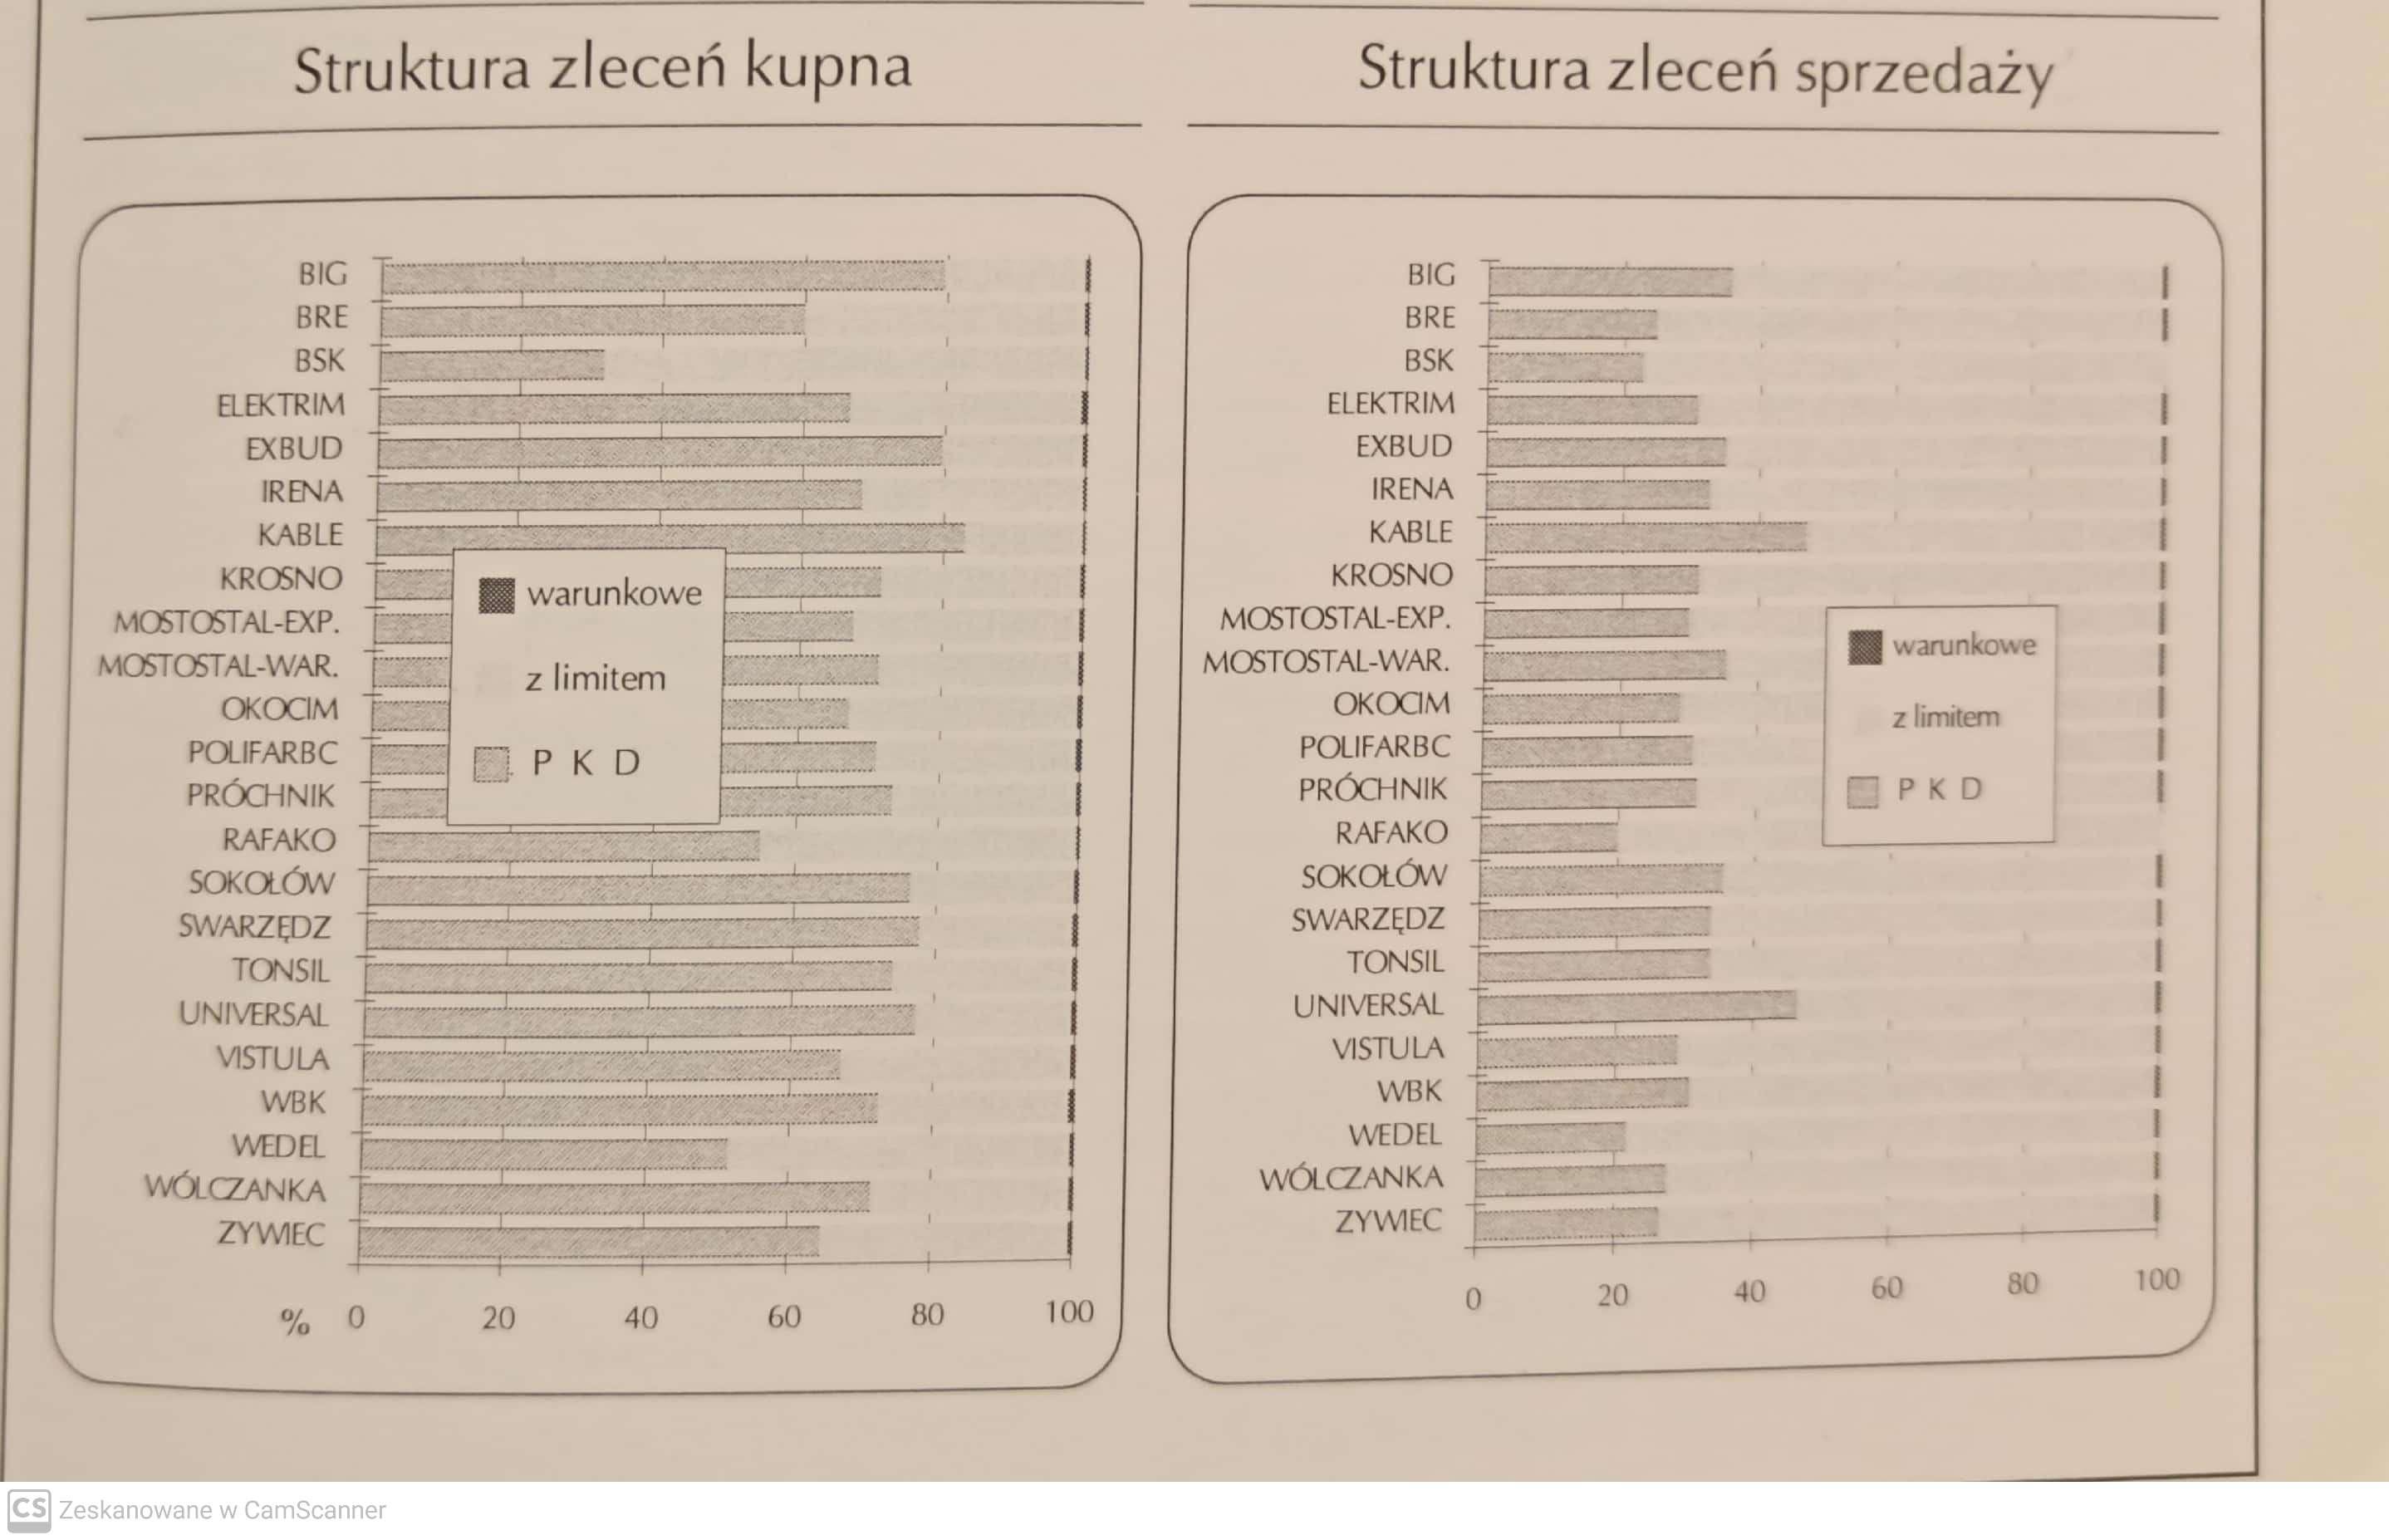 Struktura zleceń I kw 1994